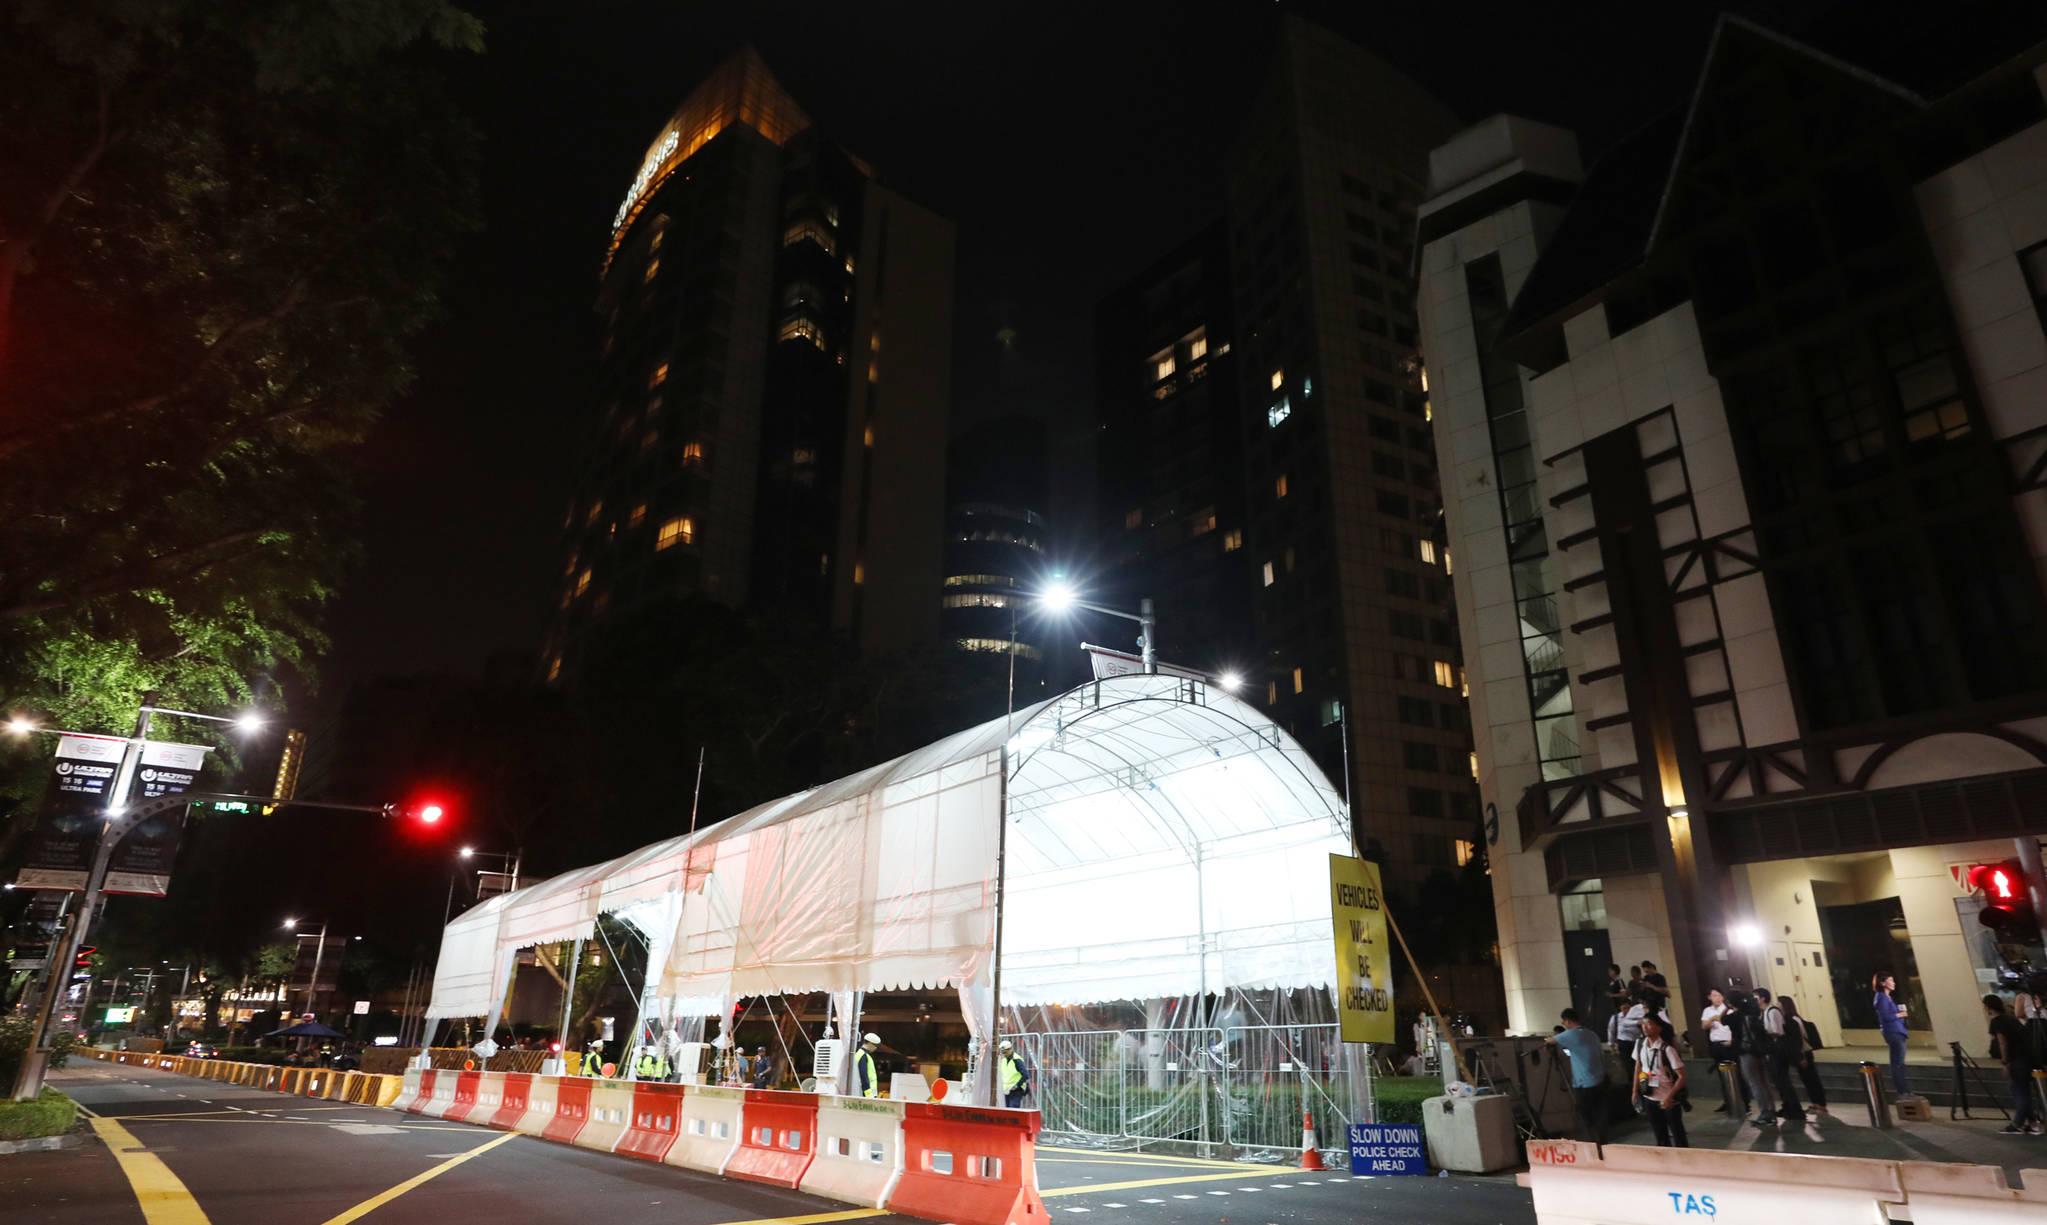 북미정상회담을 이틀 앞둔 10일 밤 김정은 위원장이 묵고 있는 싱가포르 세인트 리지스 호텔 앞에서 경찰이 검문검색을 하고 있다. [연합뉴스]